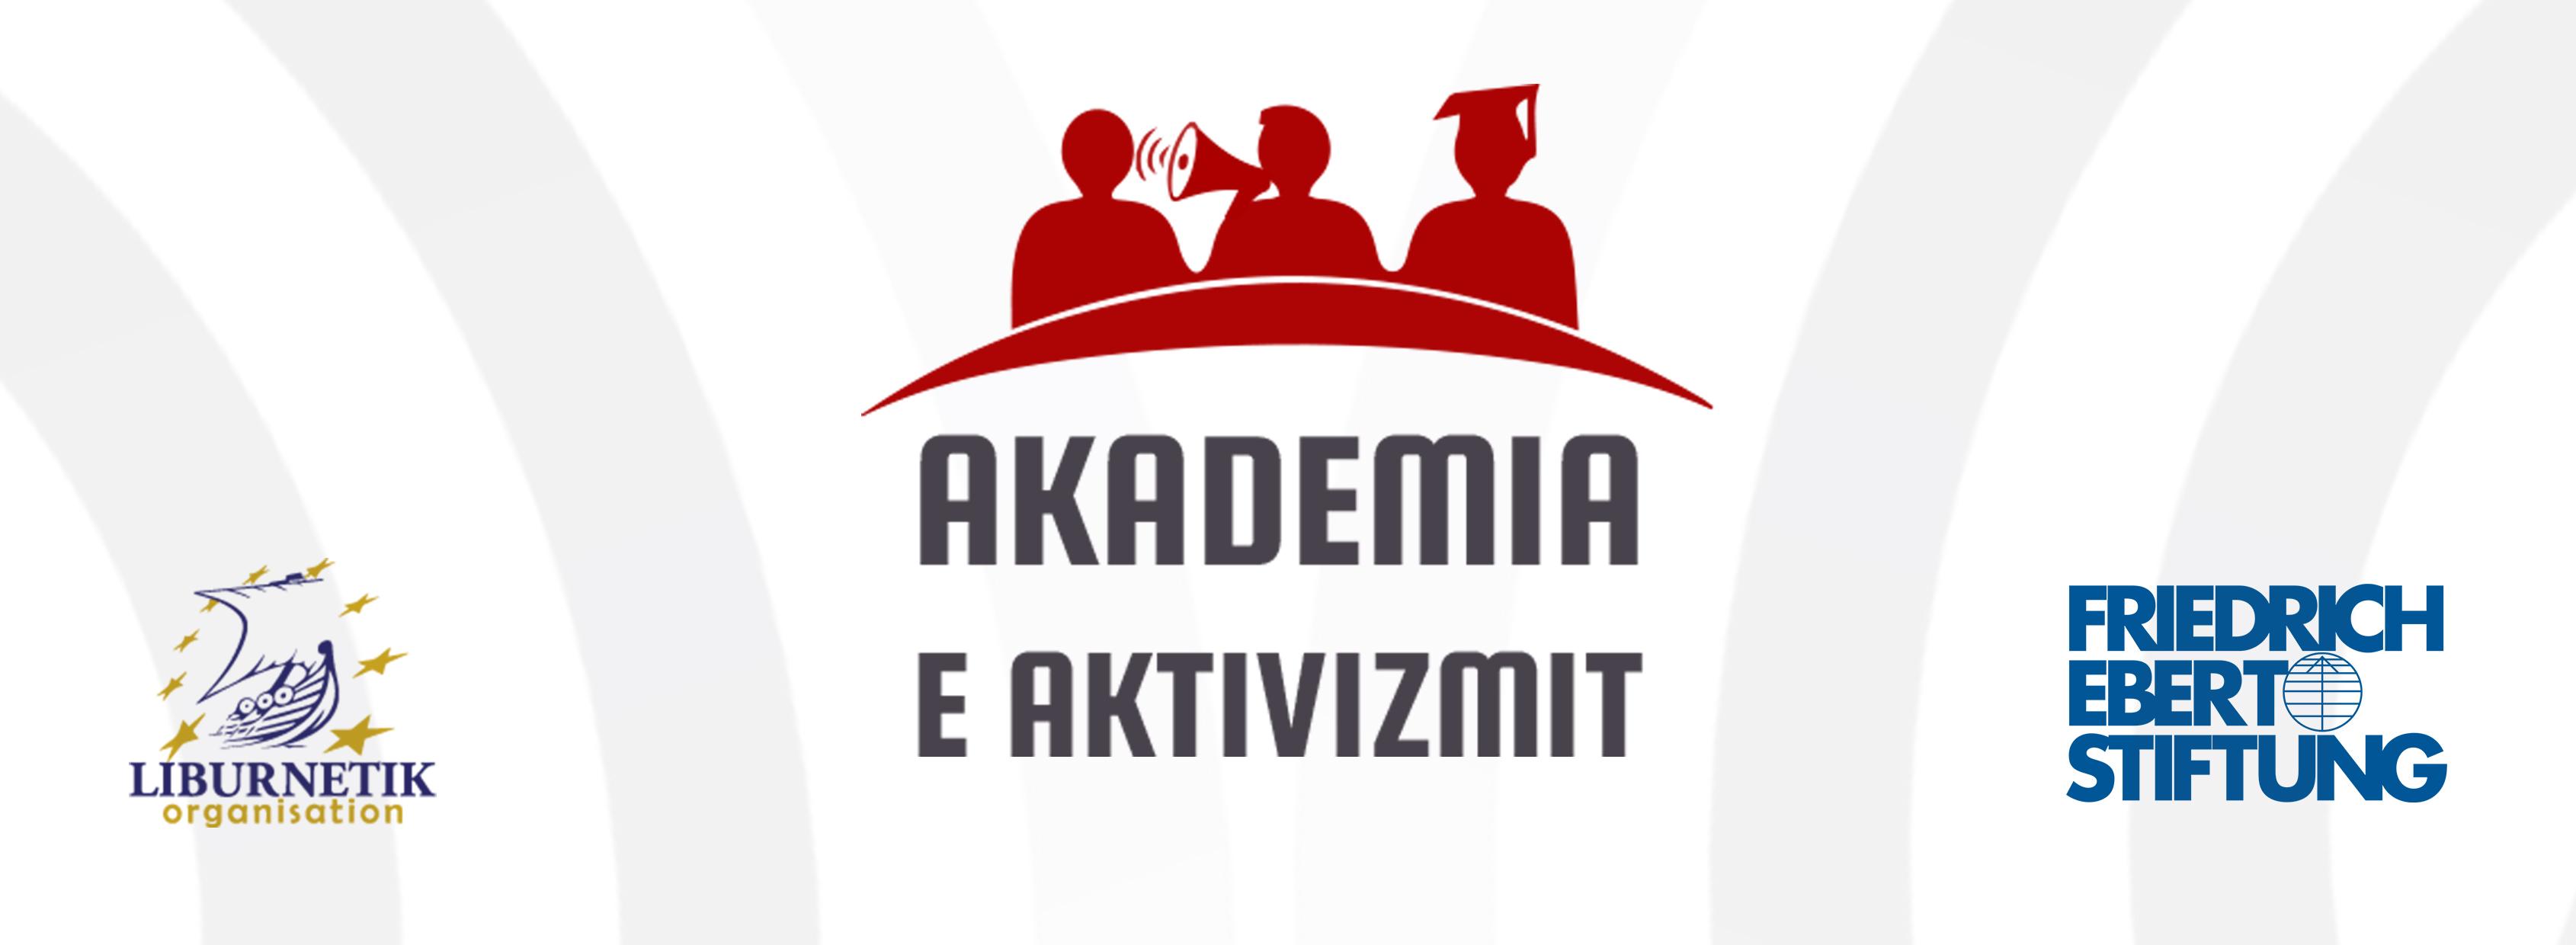 akademiaaktivizmit